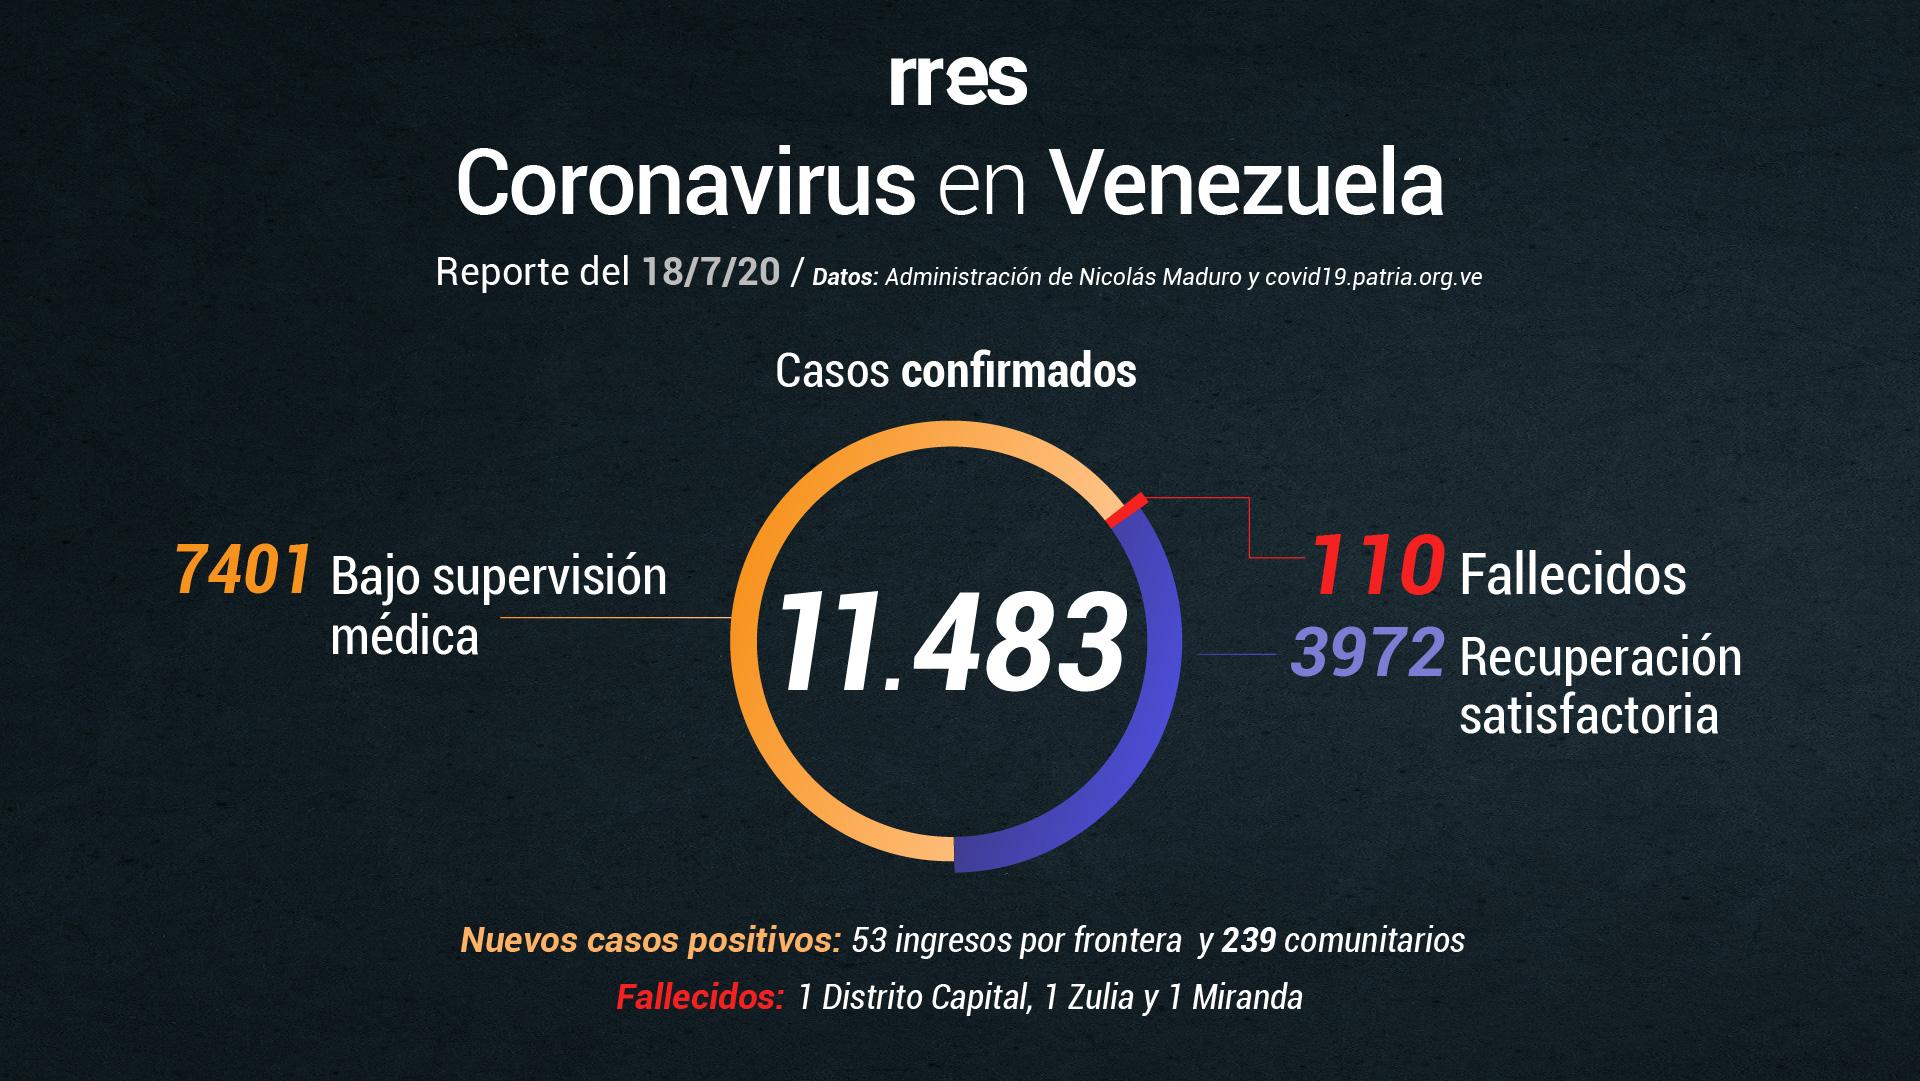 Venezuela registra 292 casos de COVID-19 y 3 fallecidos este 18 de julio